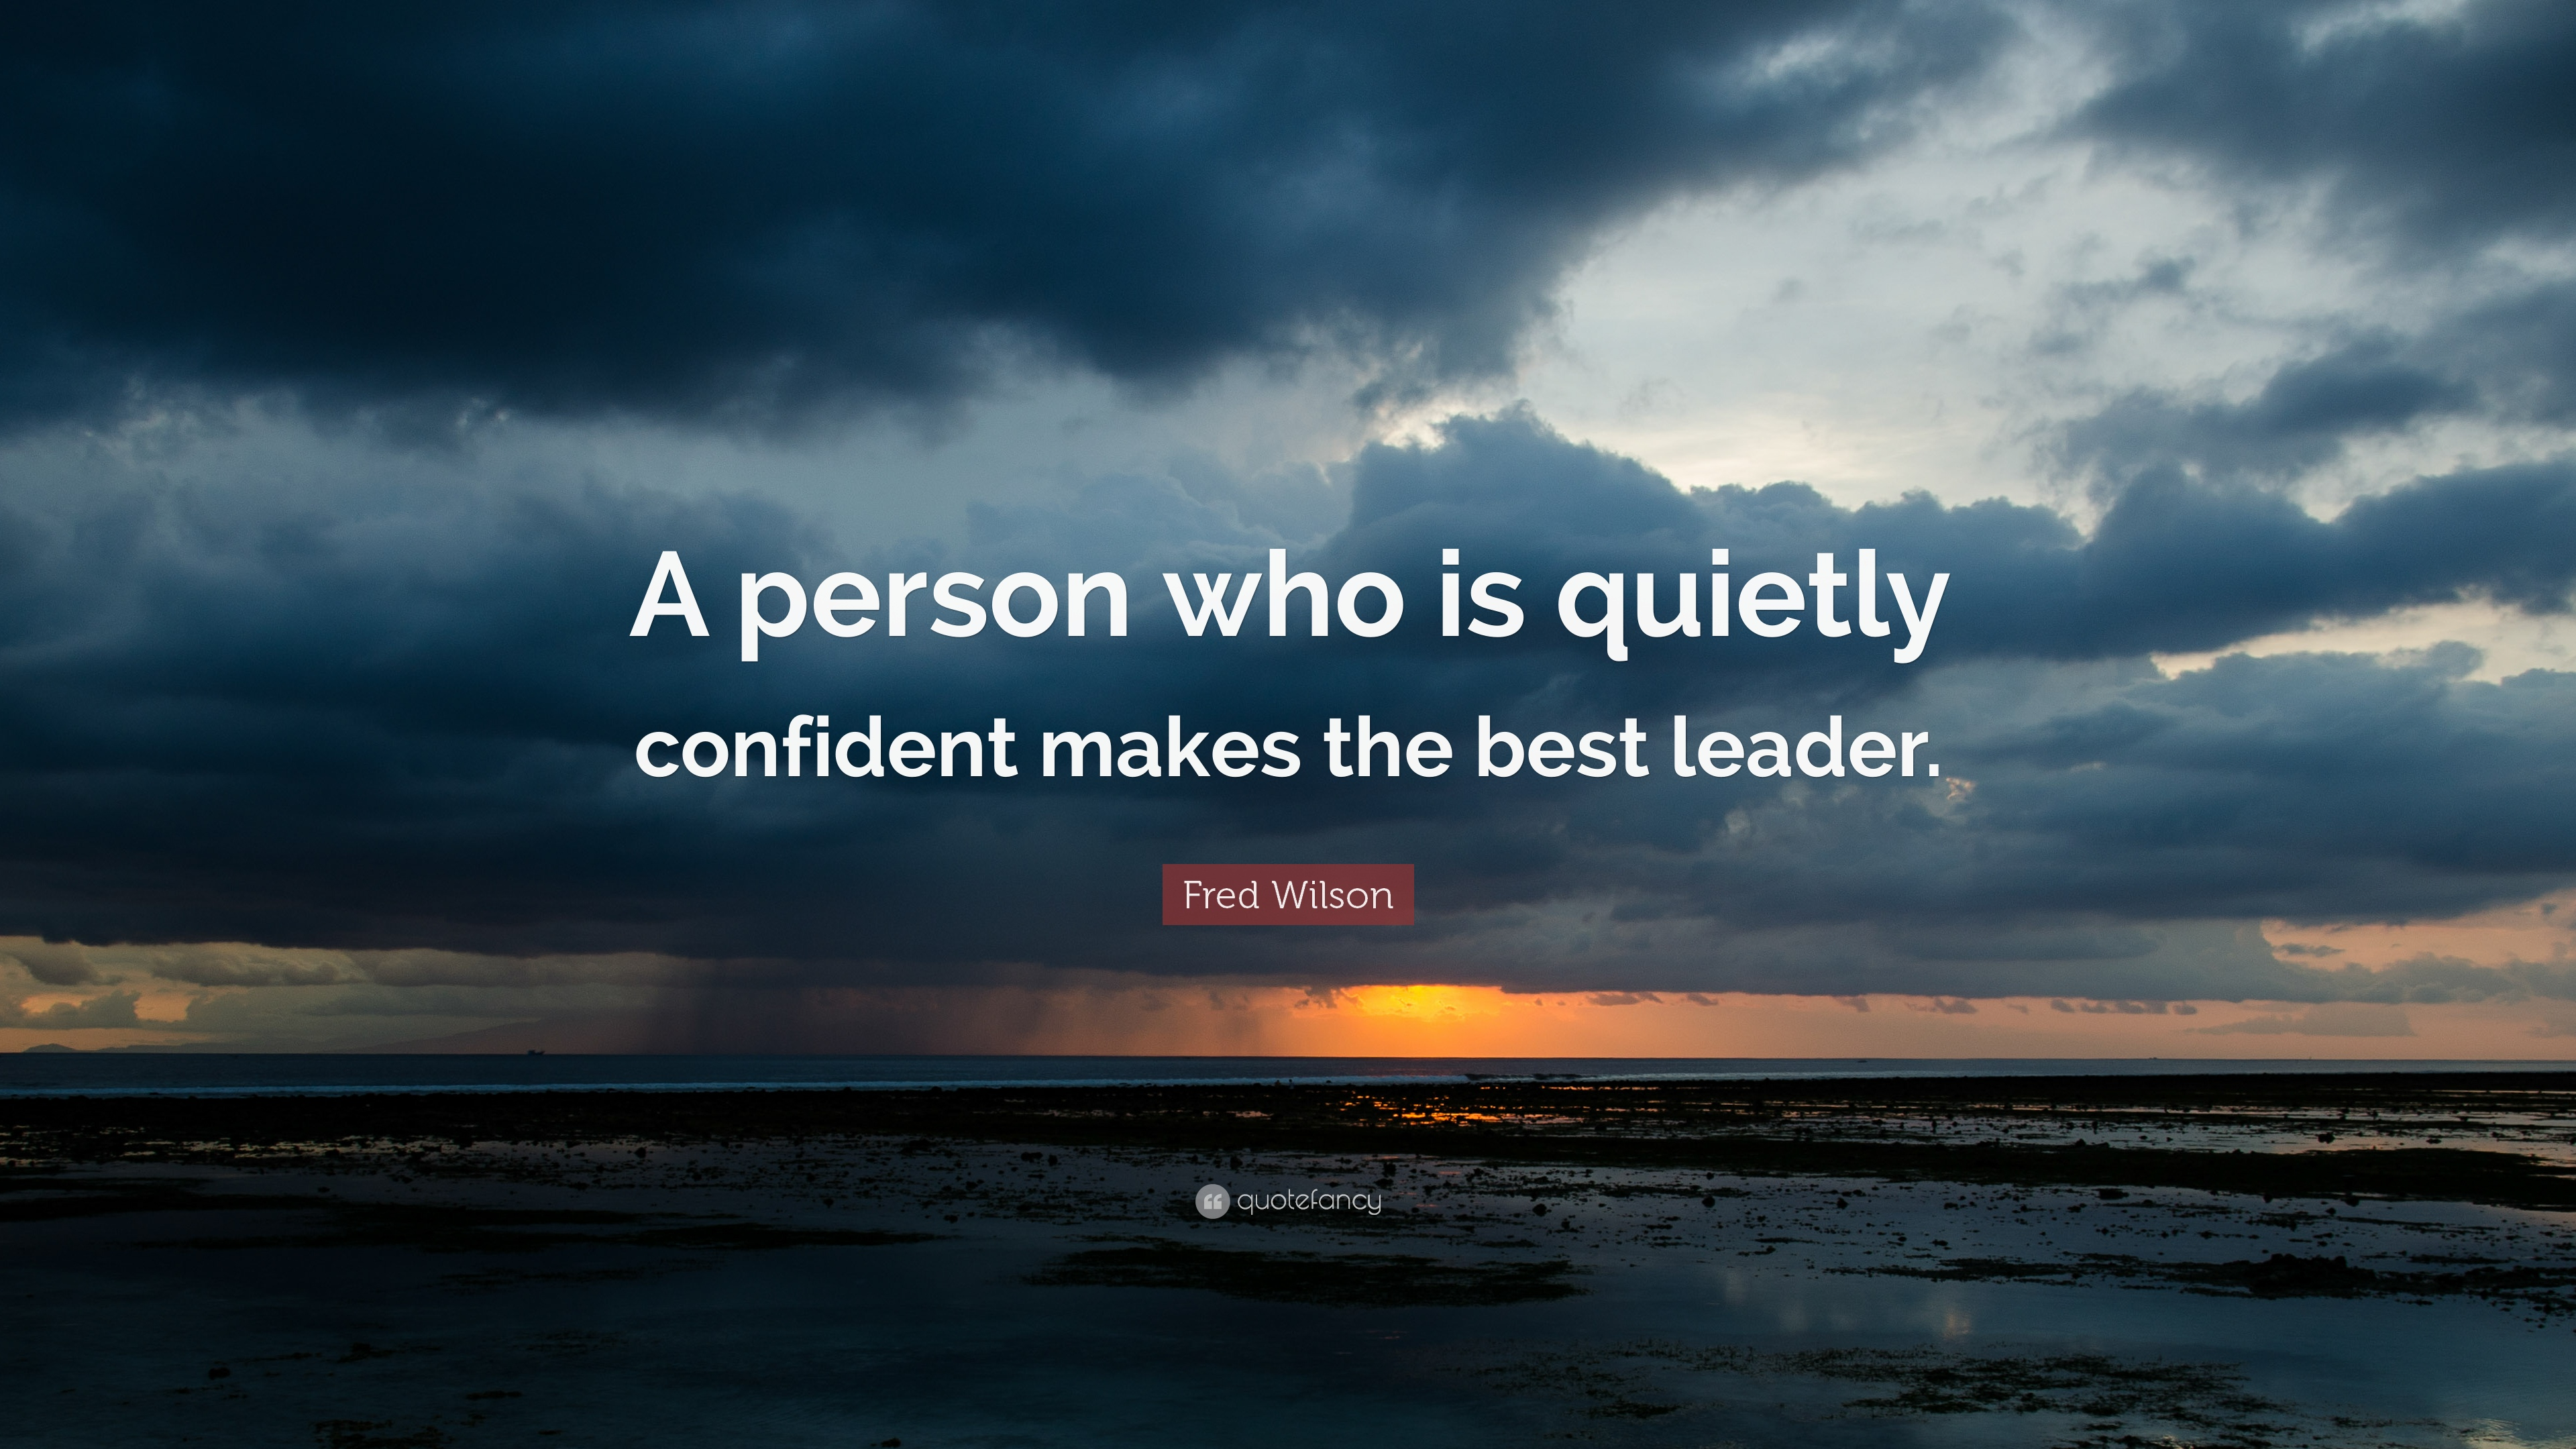 Leadership Wallpapers on KuBiPeTcom 3840x2160